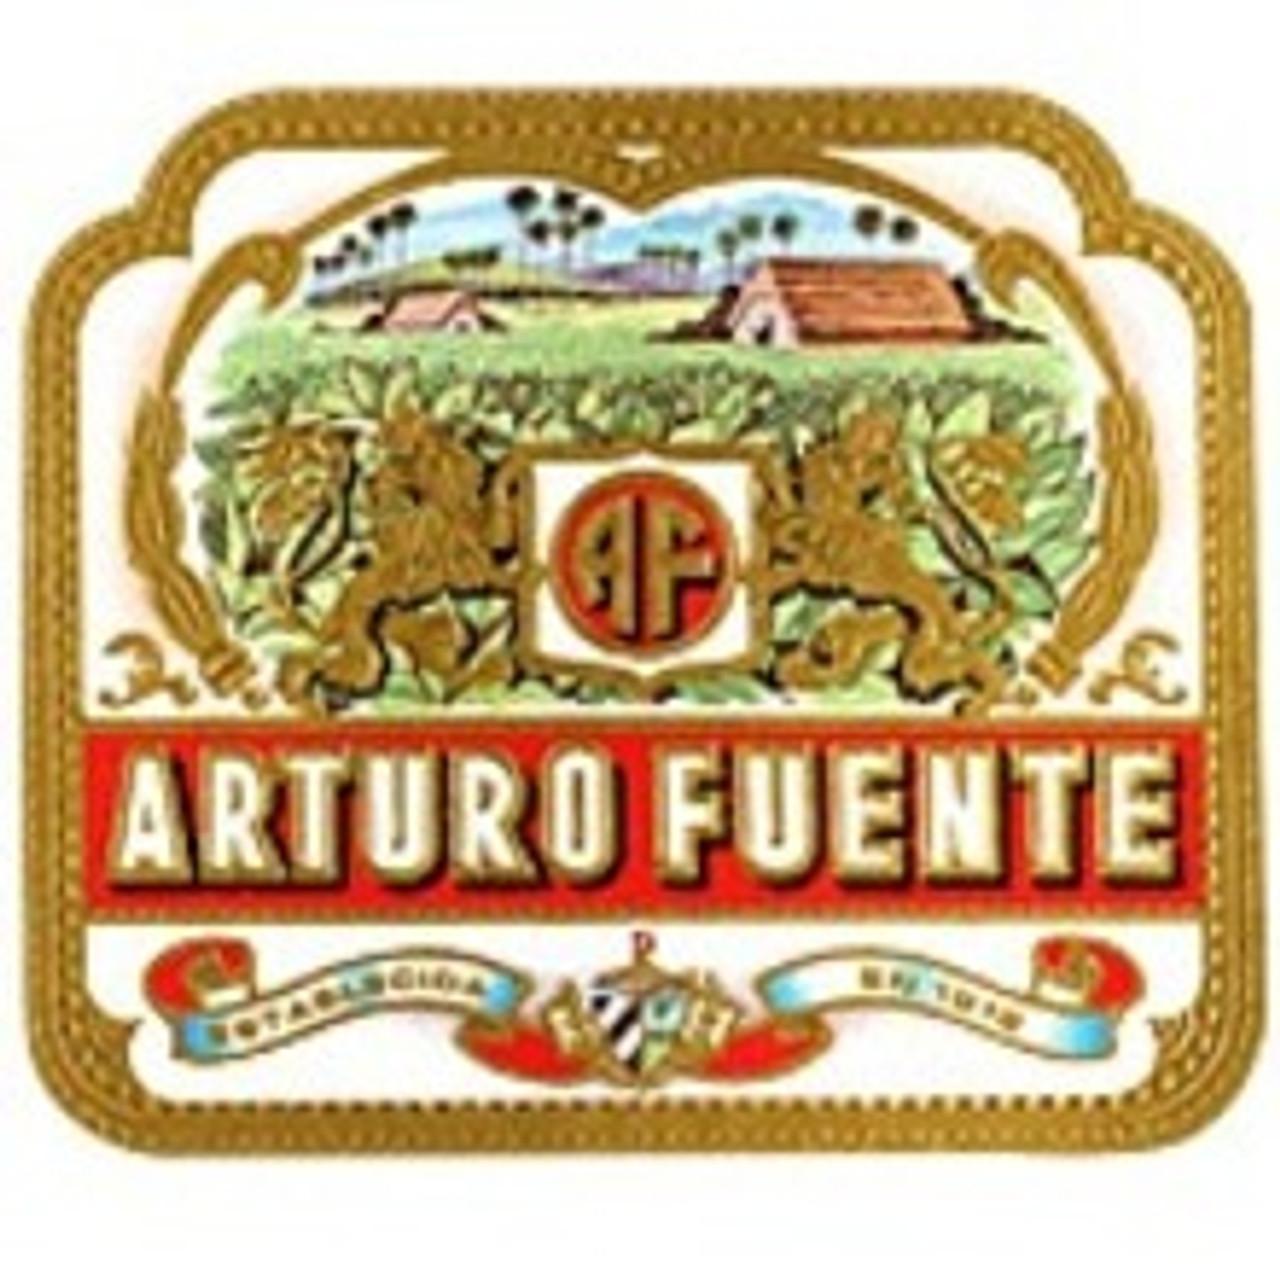 Arturo Fuente Curly Head Deluxe Maduro Cigars - 6 1/2 x 44 (Box of 25)